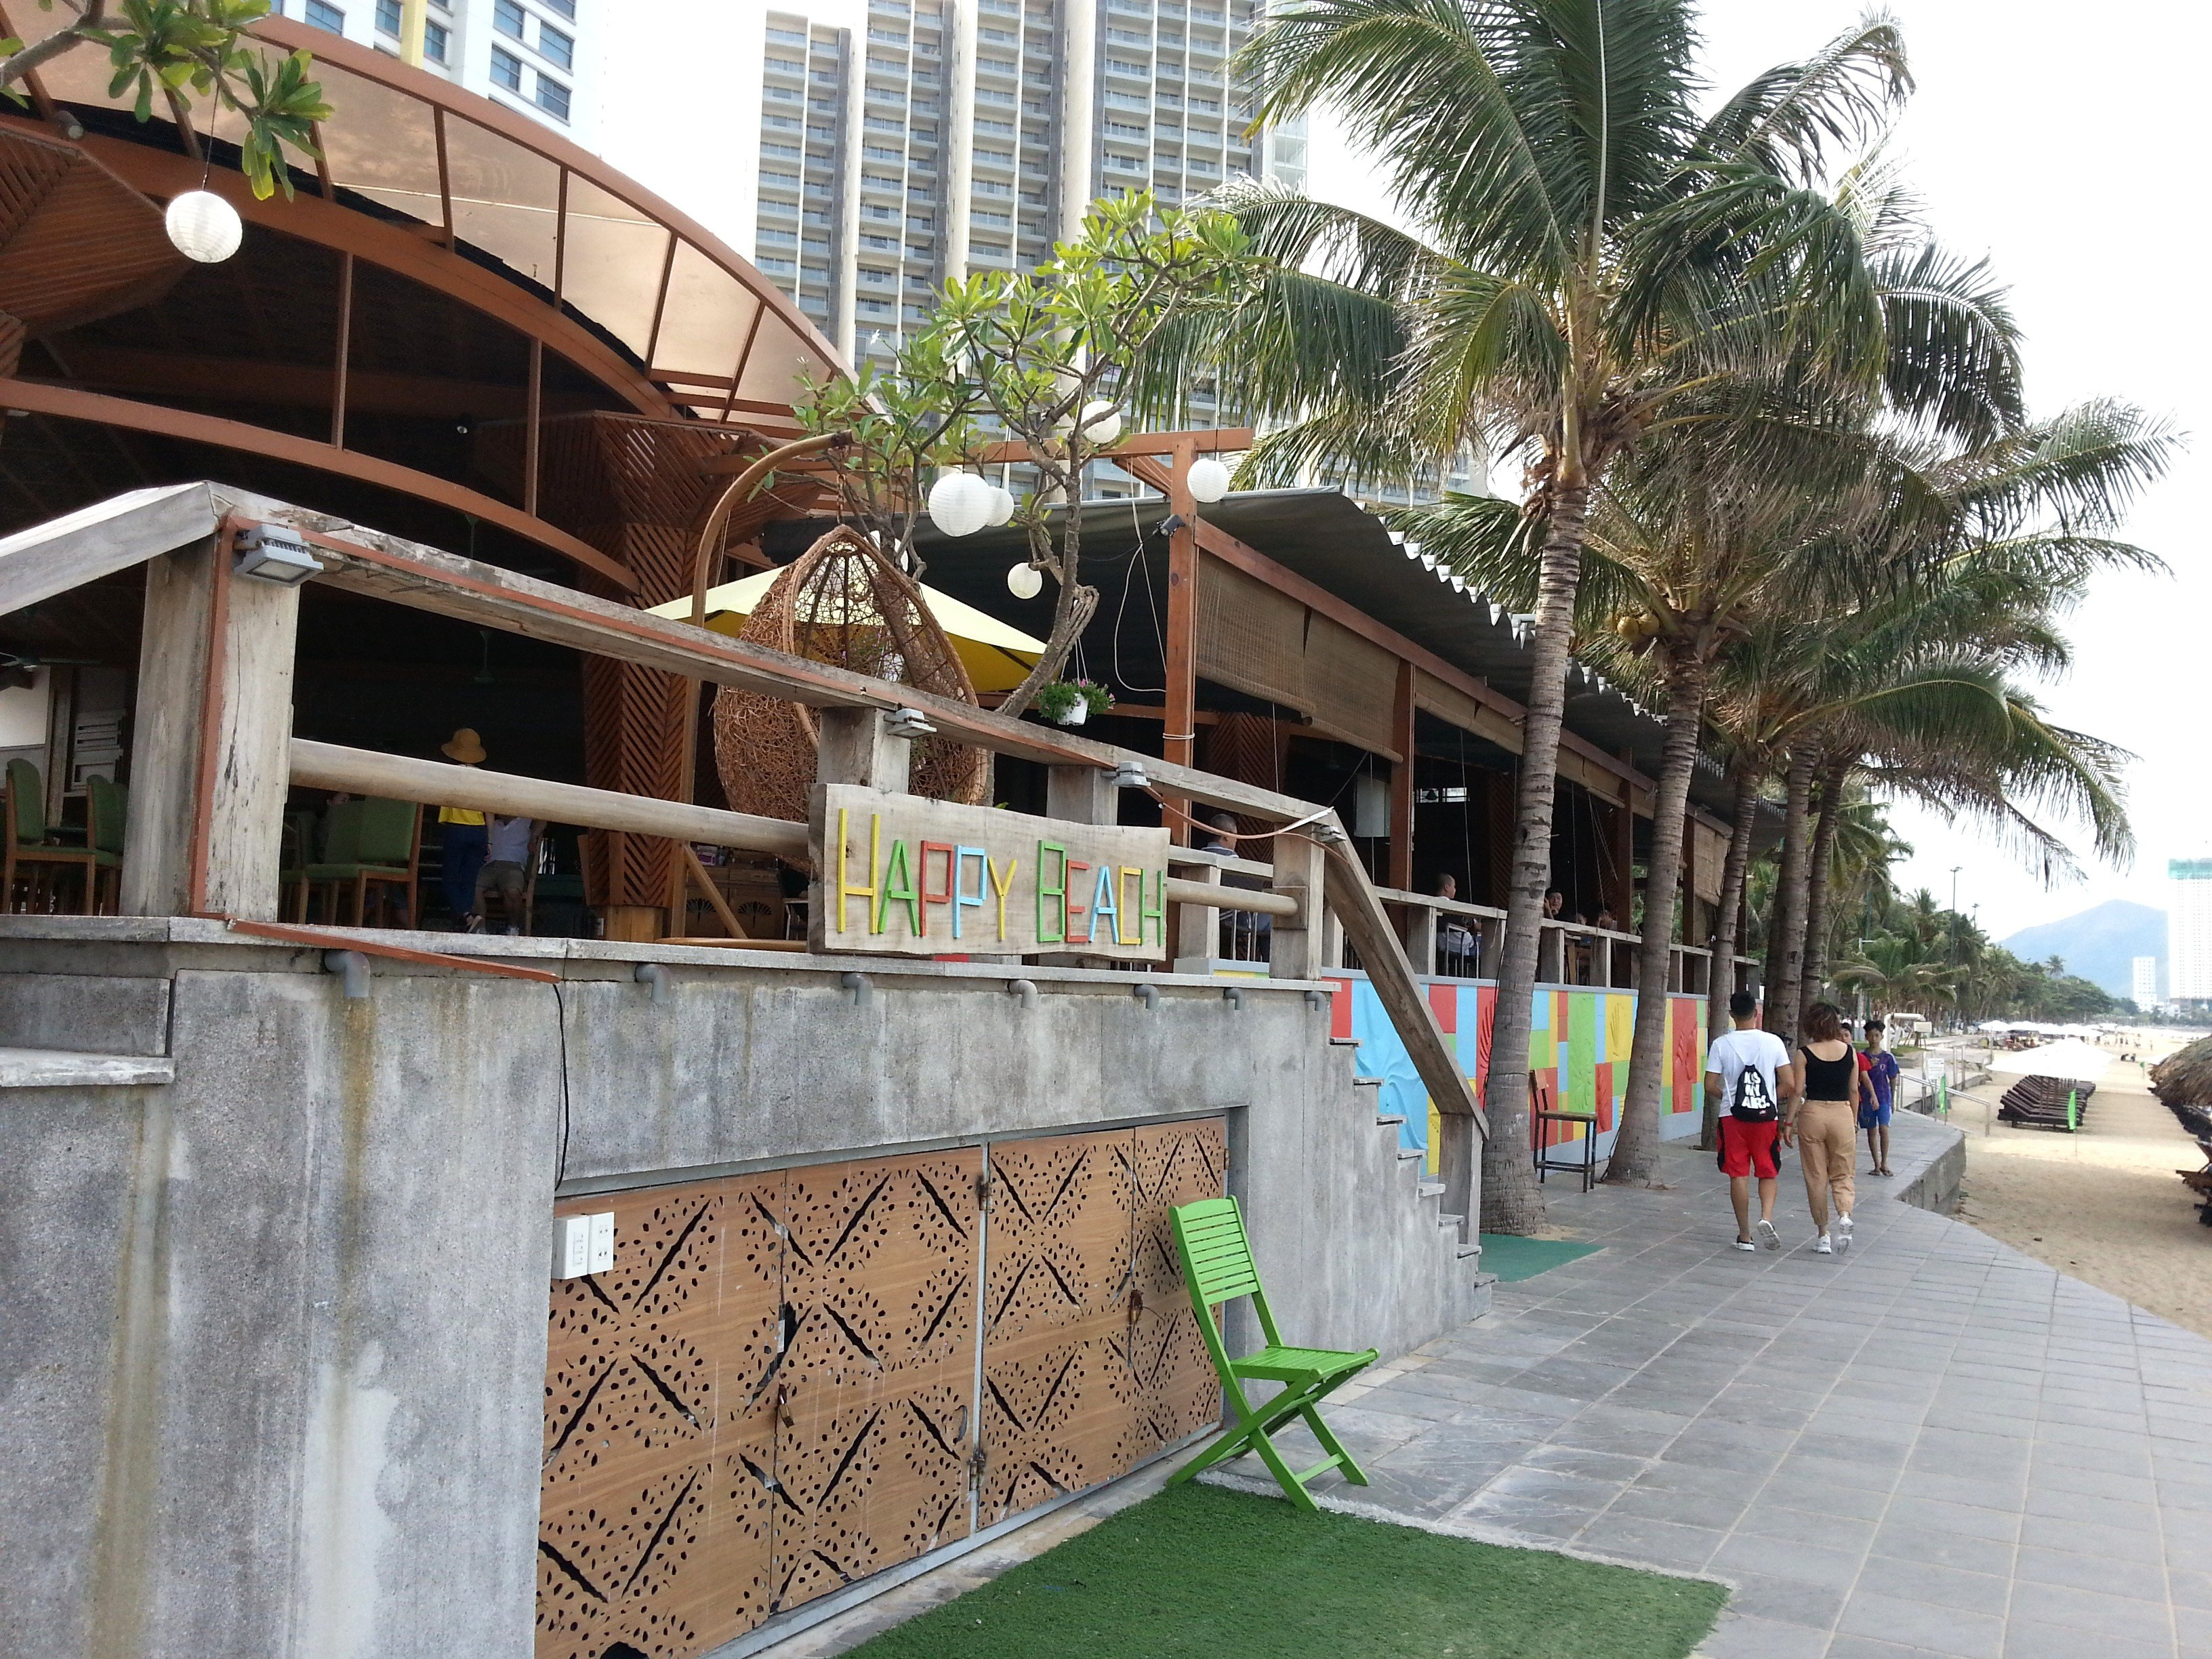 Happy Beach Restaurant on Nha Trang Beach